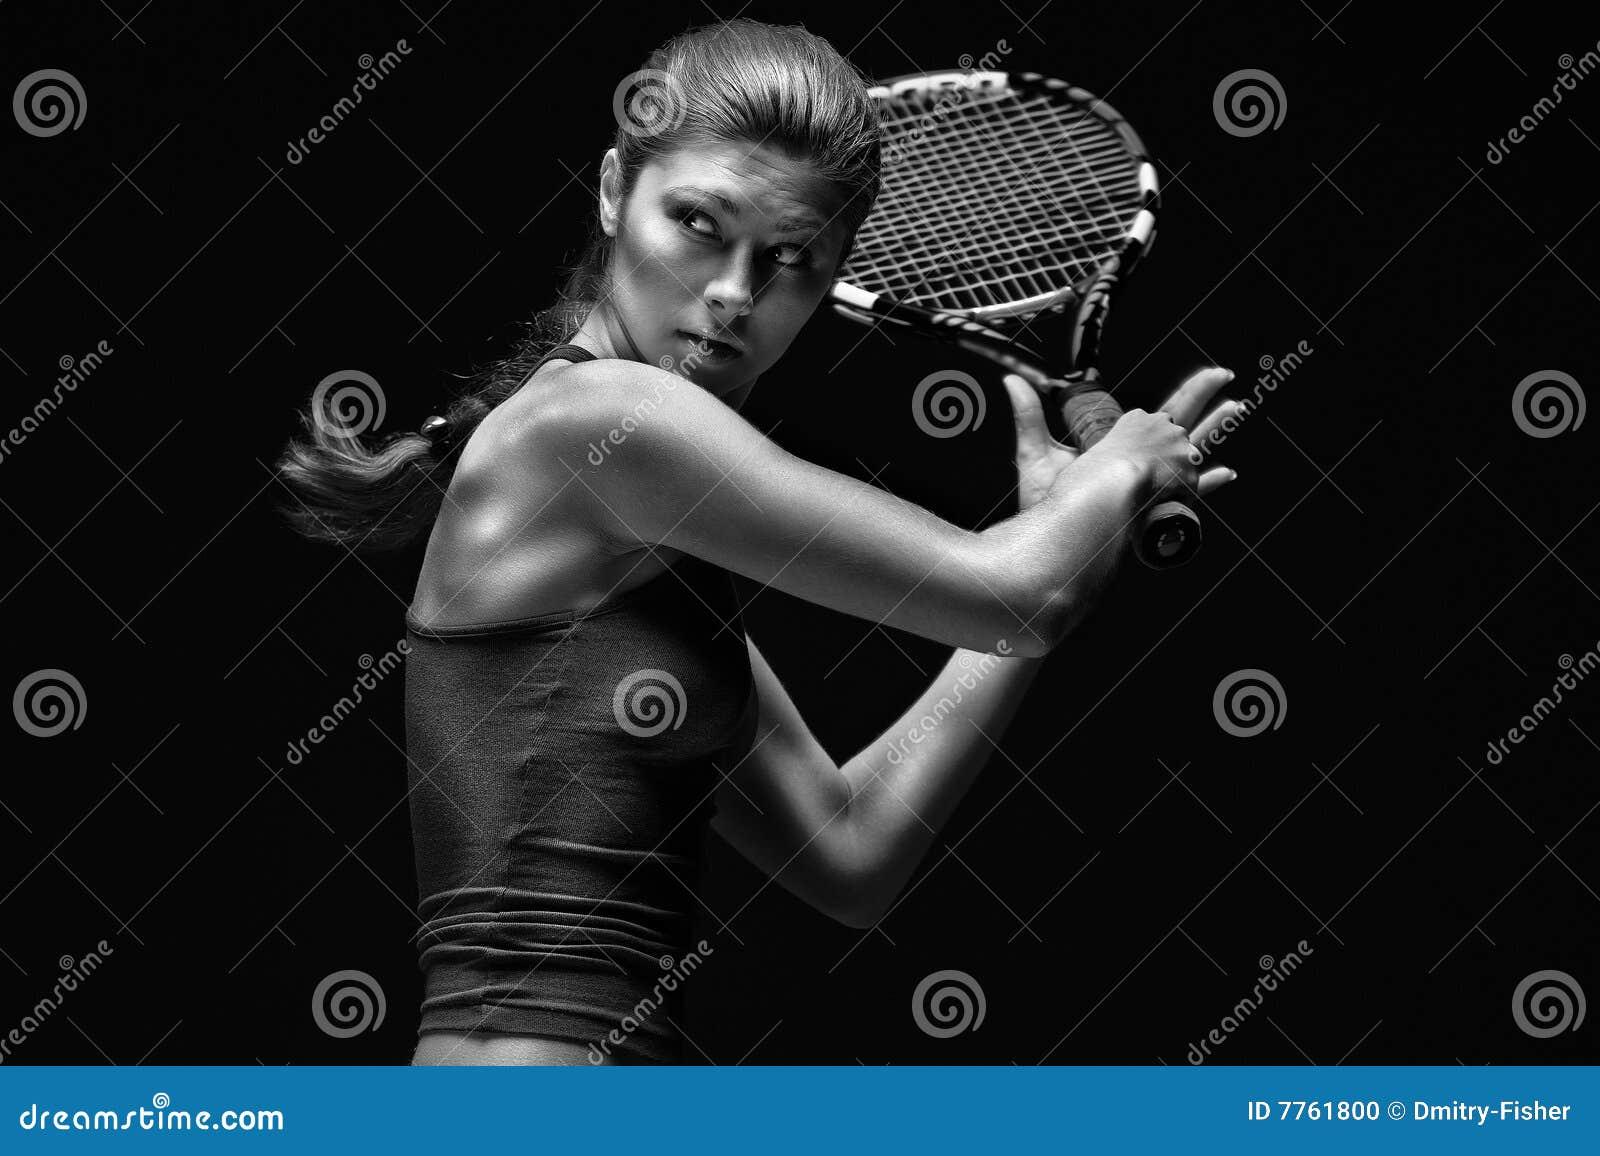 TENIS RETRO - Historia de tenis para leer tranquilos